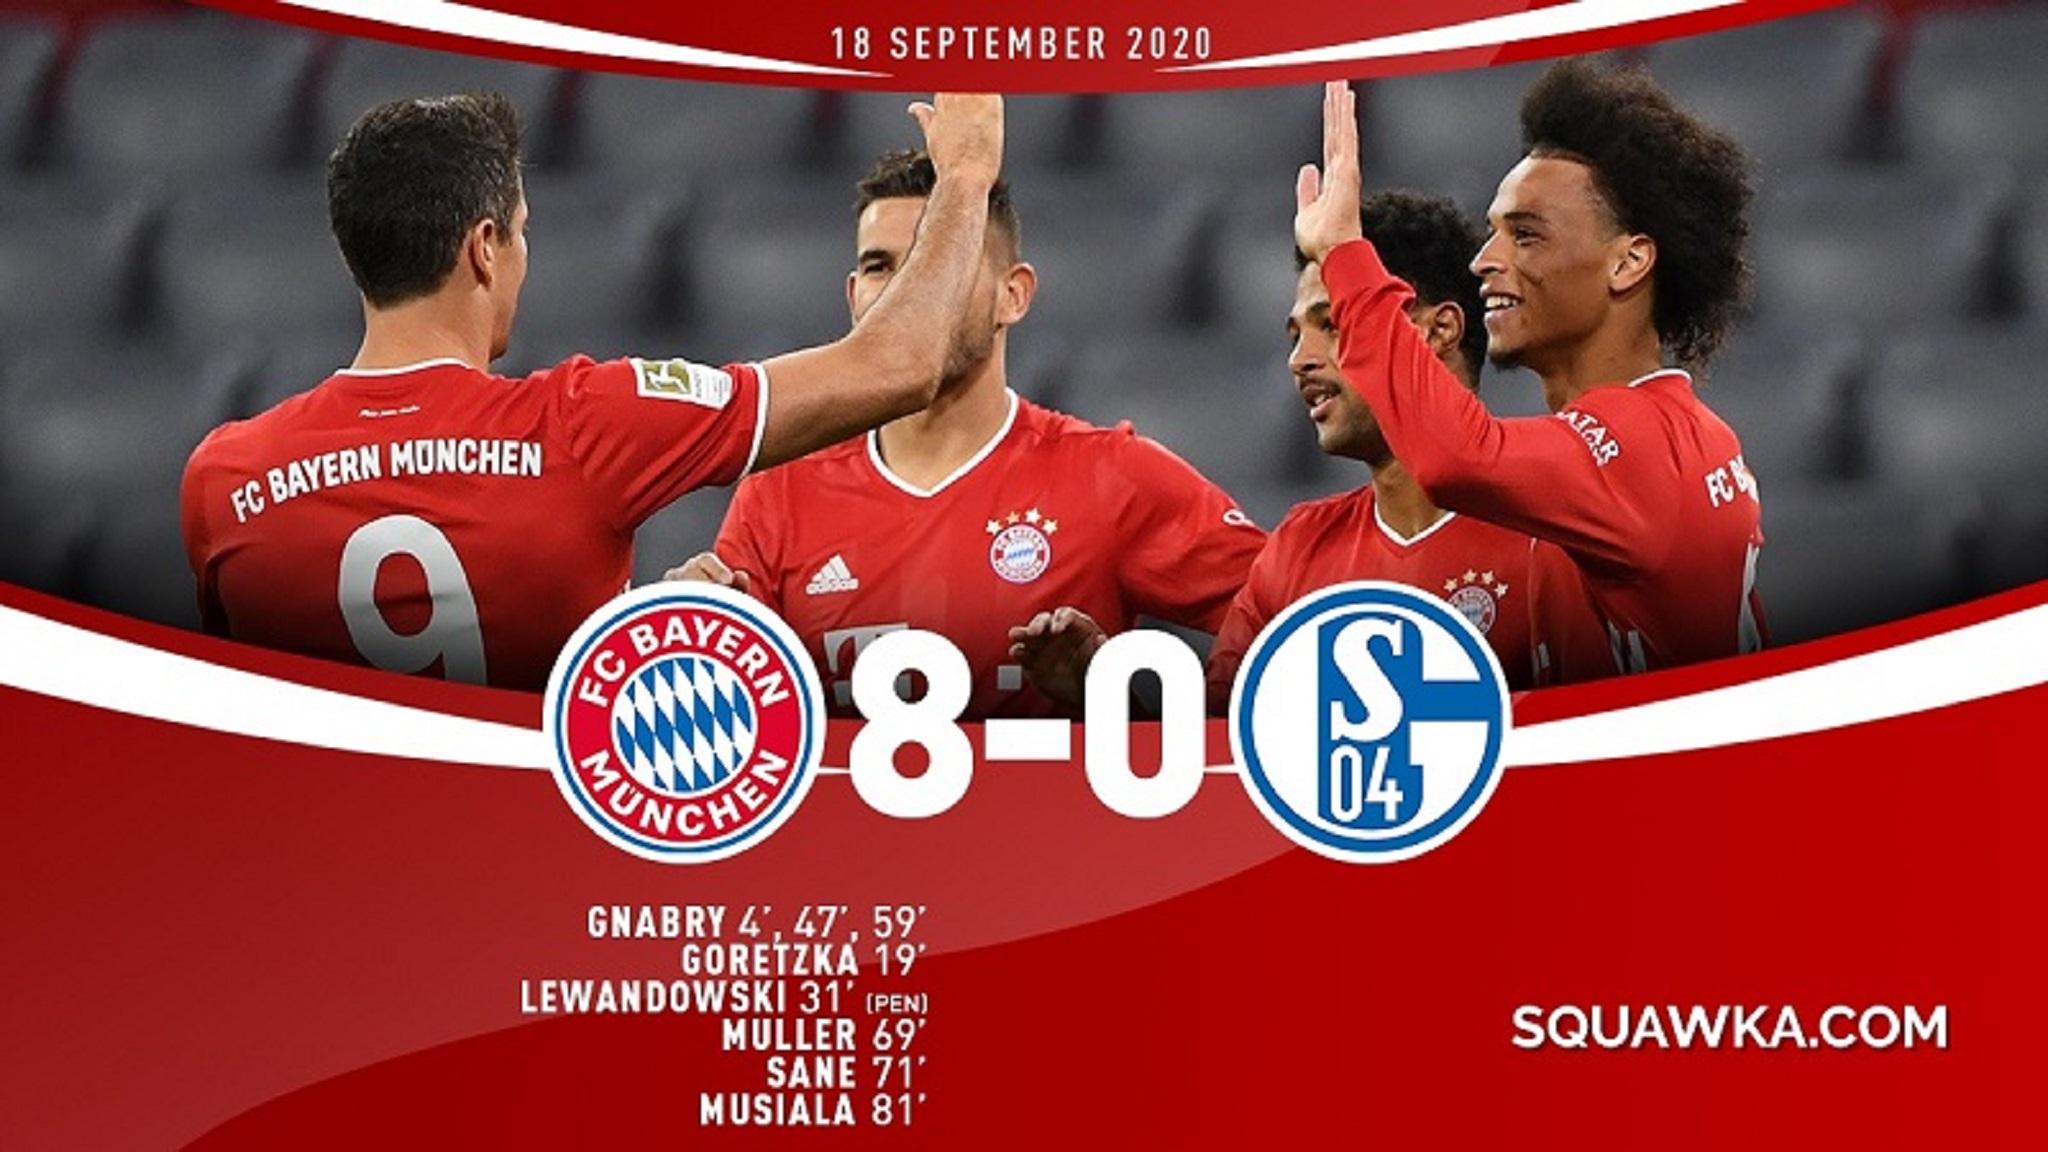 Bayerrn Muniich vs Schallke 8-0 - Extended Highlights & Goals - 2020 HD